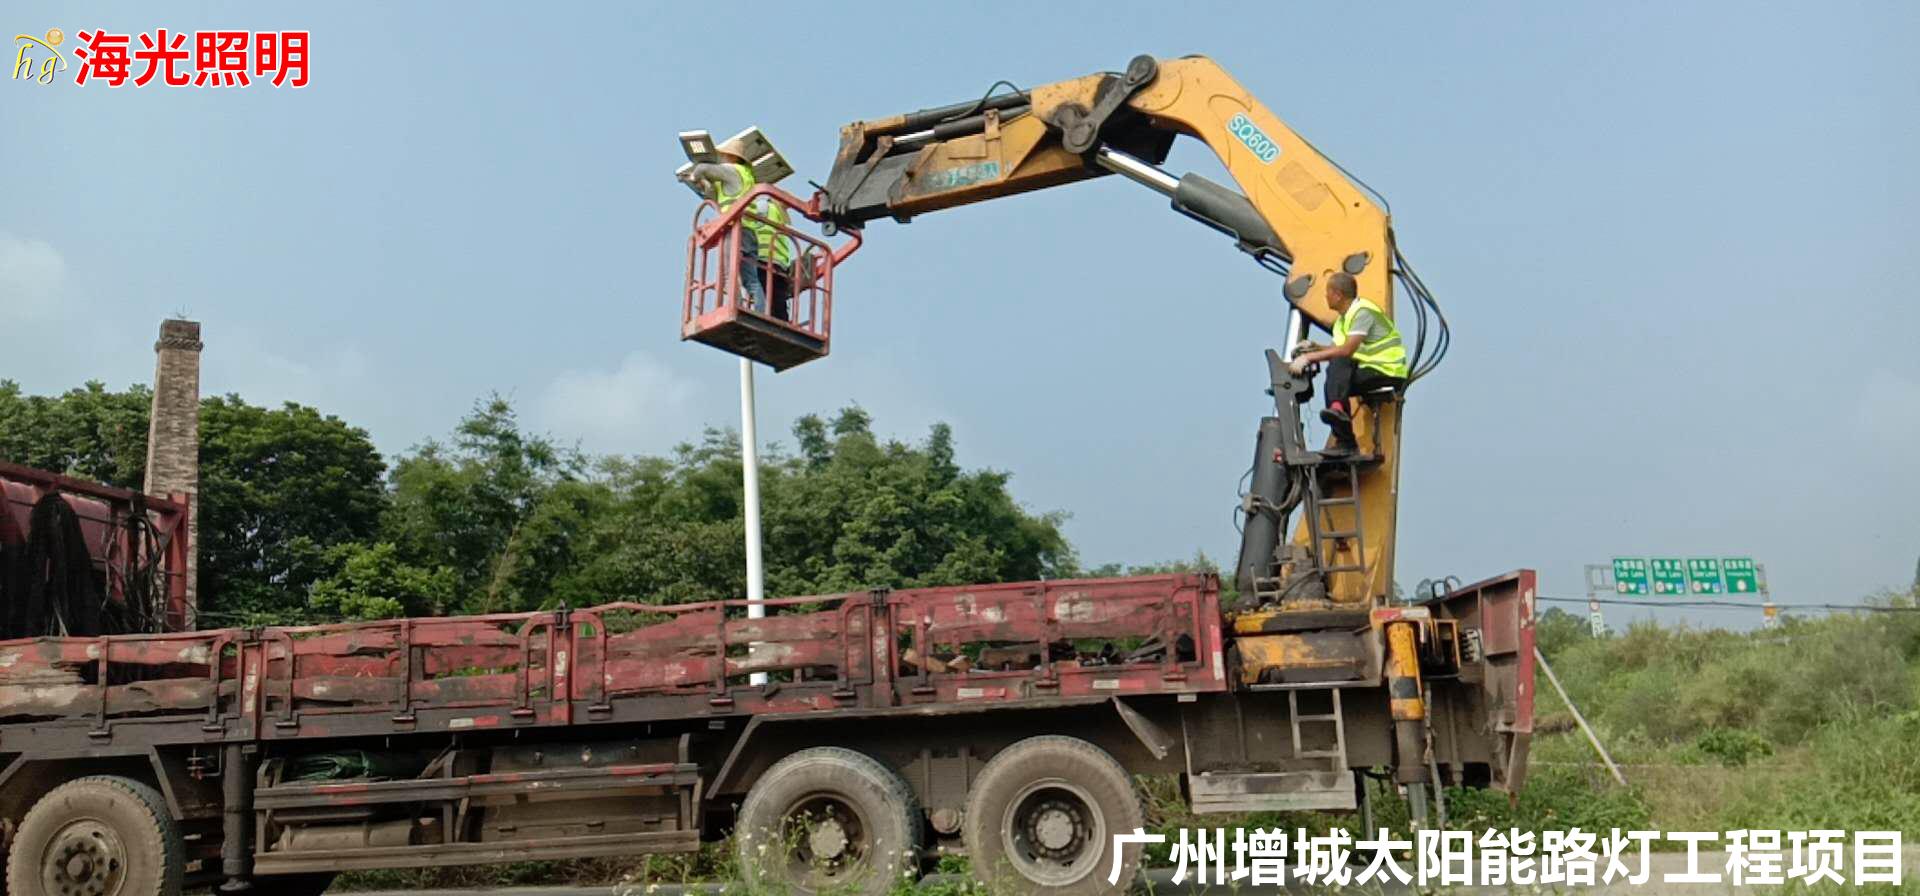 广东省广州市增城区4600套太阳能路灯照明工程项目